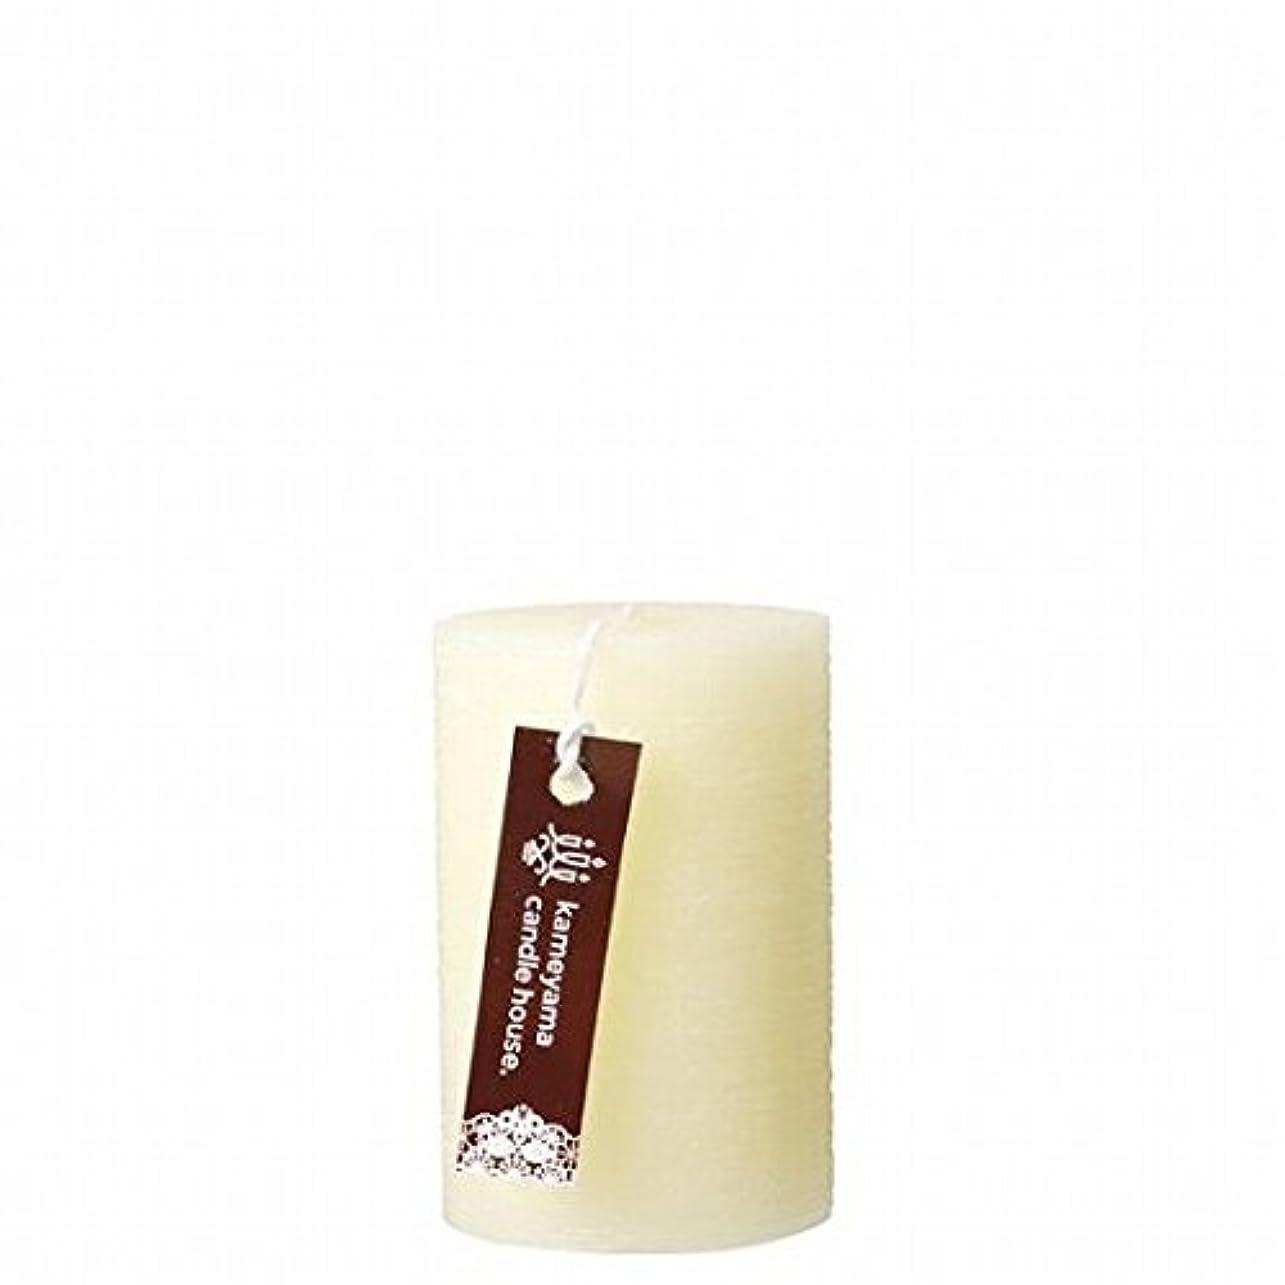 ハーブ球状技術者kameyama candle(カメヤマキャンドル) ブラッシュピラー2×3 「 アイボリー 」(A8310000IV)